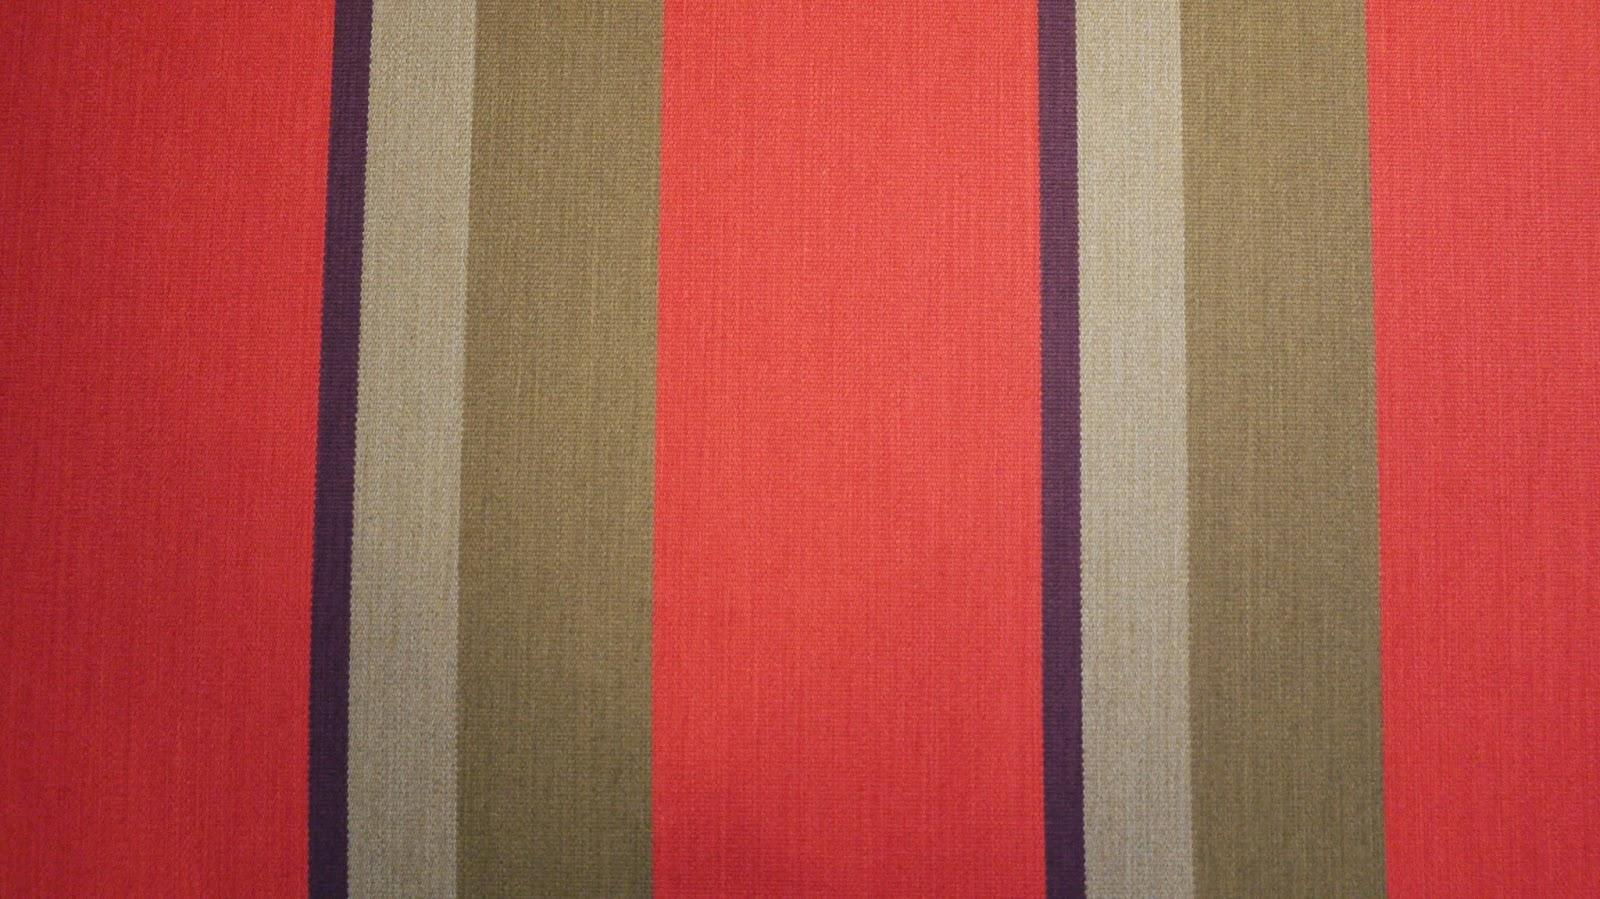 www.skumhuset.dk Kvadrat Fanny Aronson koldskum skumgummi boligtextiler skumgummi på specialmål junomadras monteringspuder